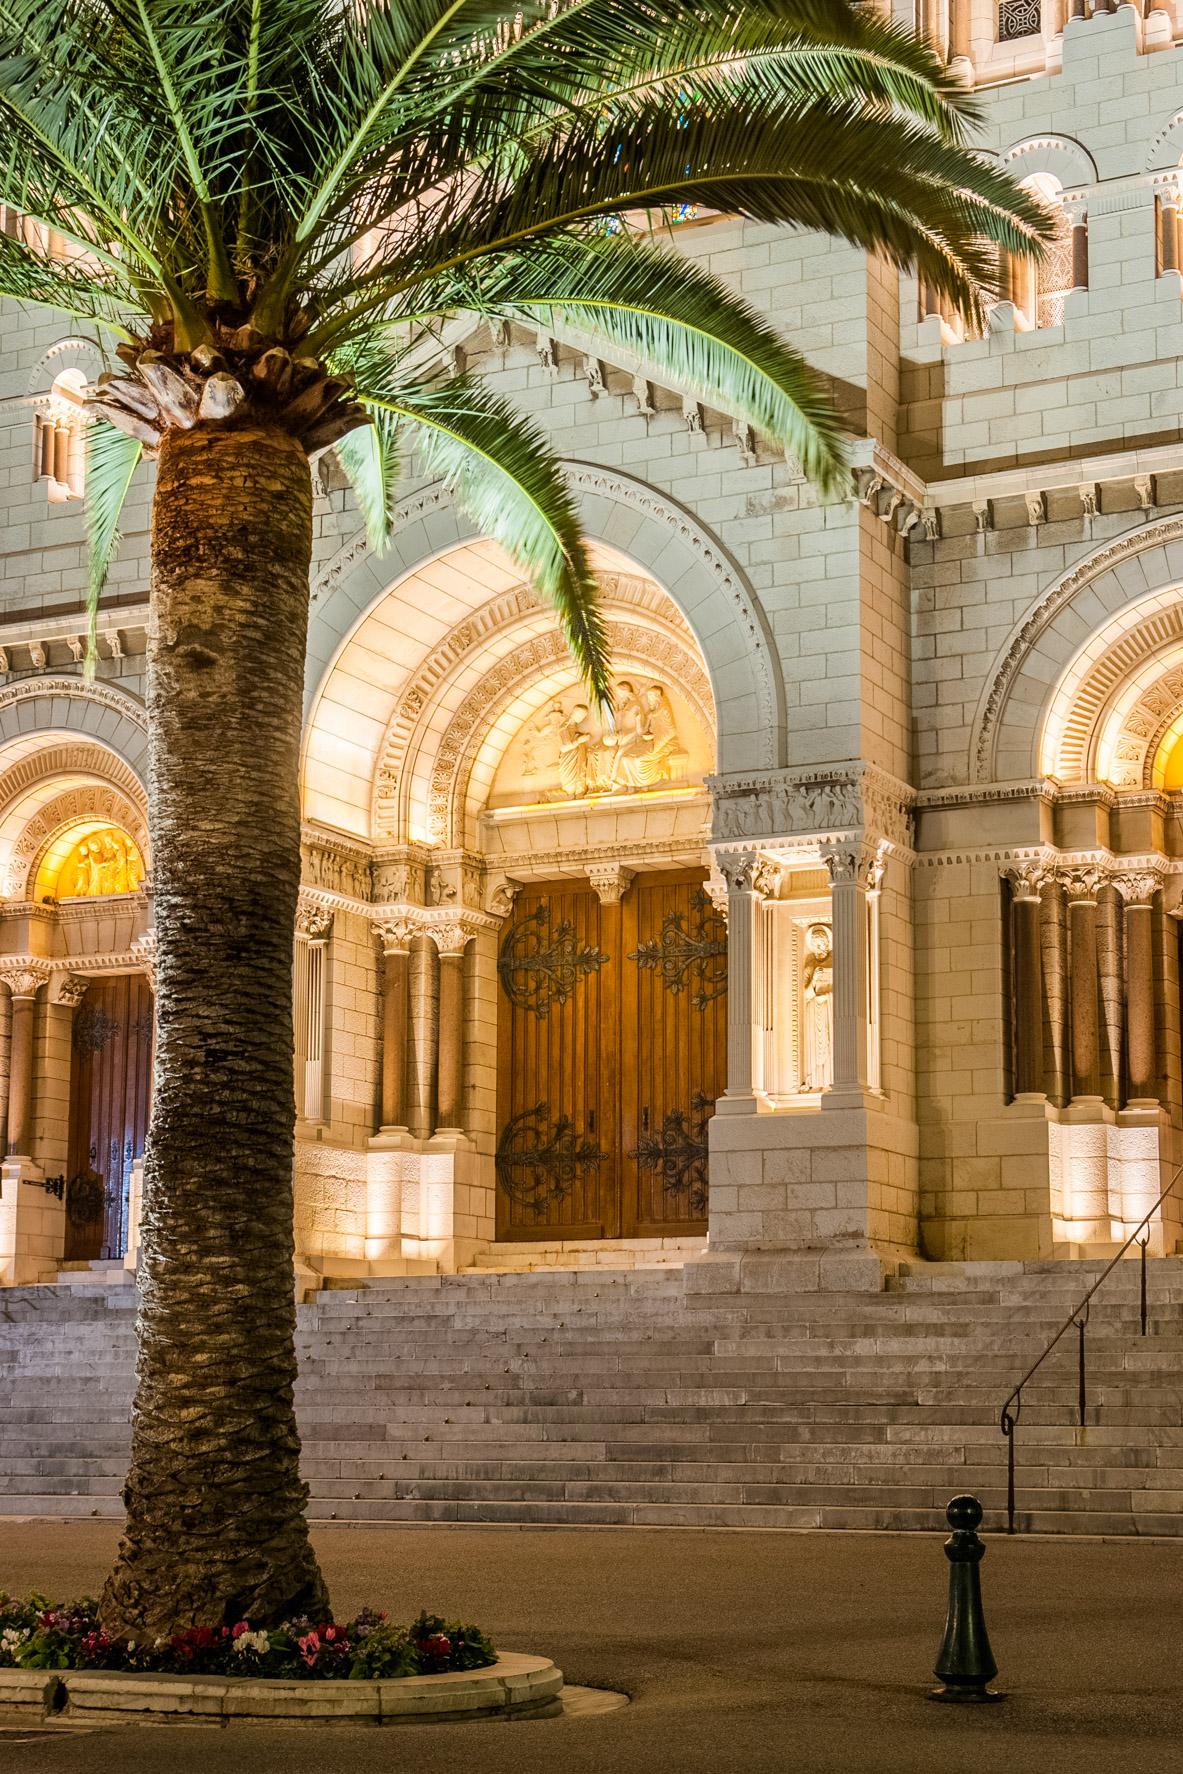 Monaco gilbert 39 s gallery - Porte saint dominique avignon ...